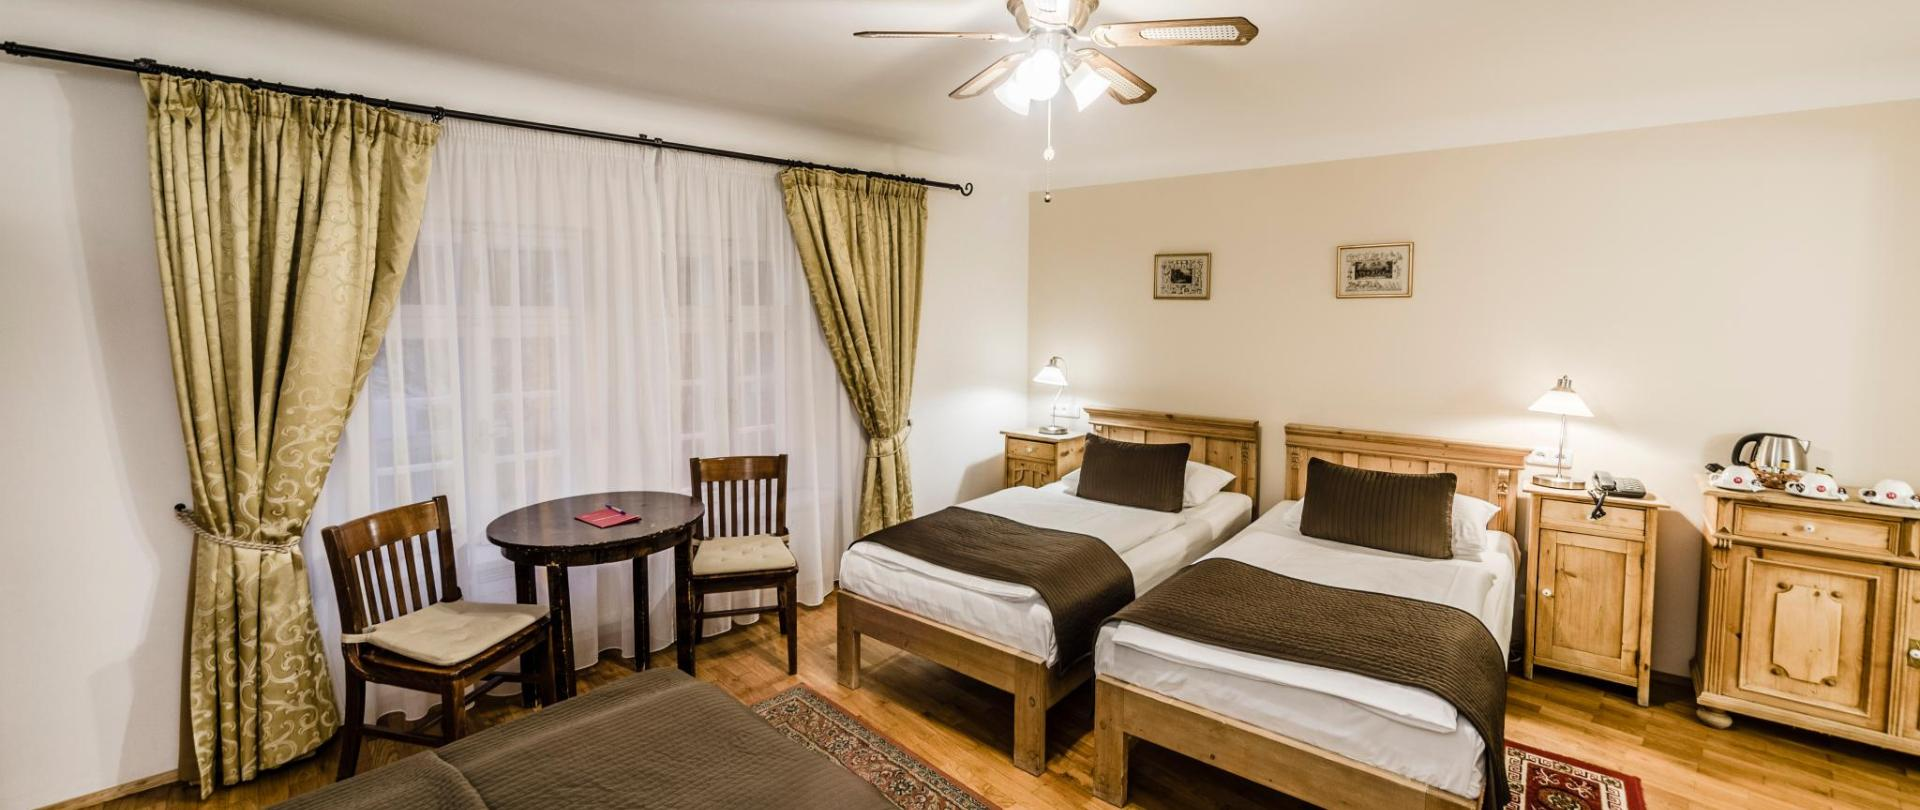 Třílůžkový pokoj_oddělené postele_3.jpg